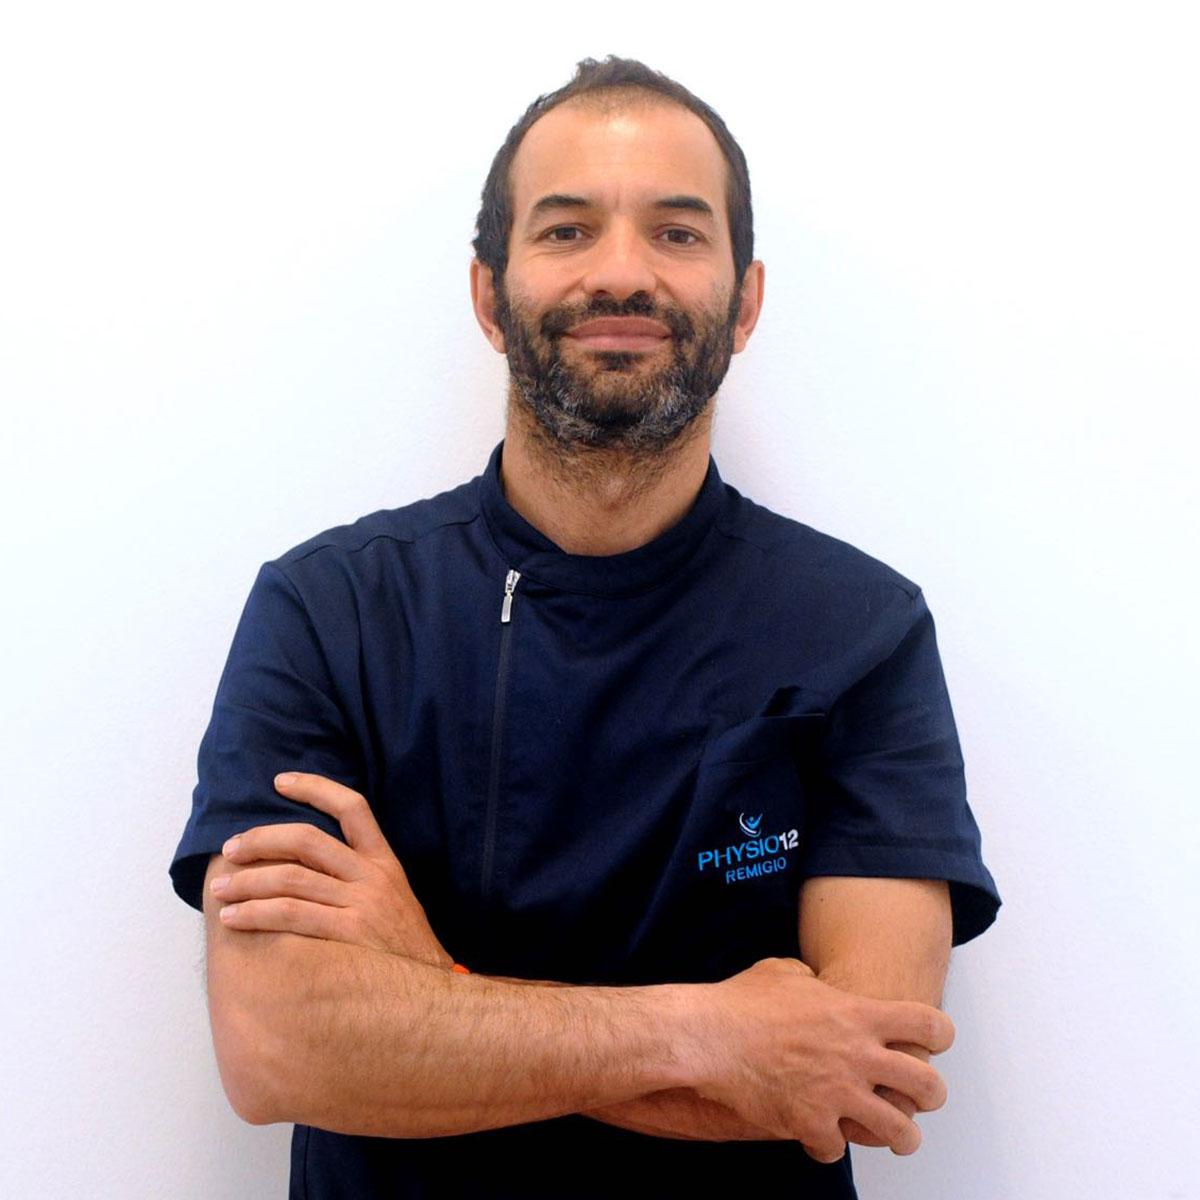 Dott. Remigio Uguccioni - Osteopata